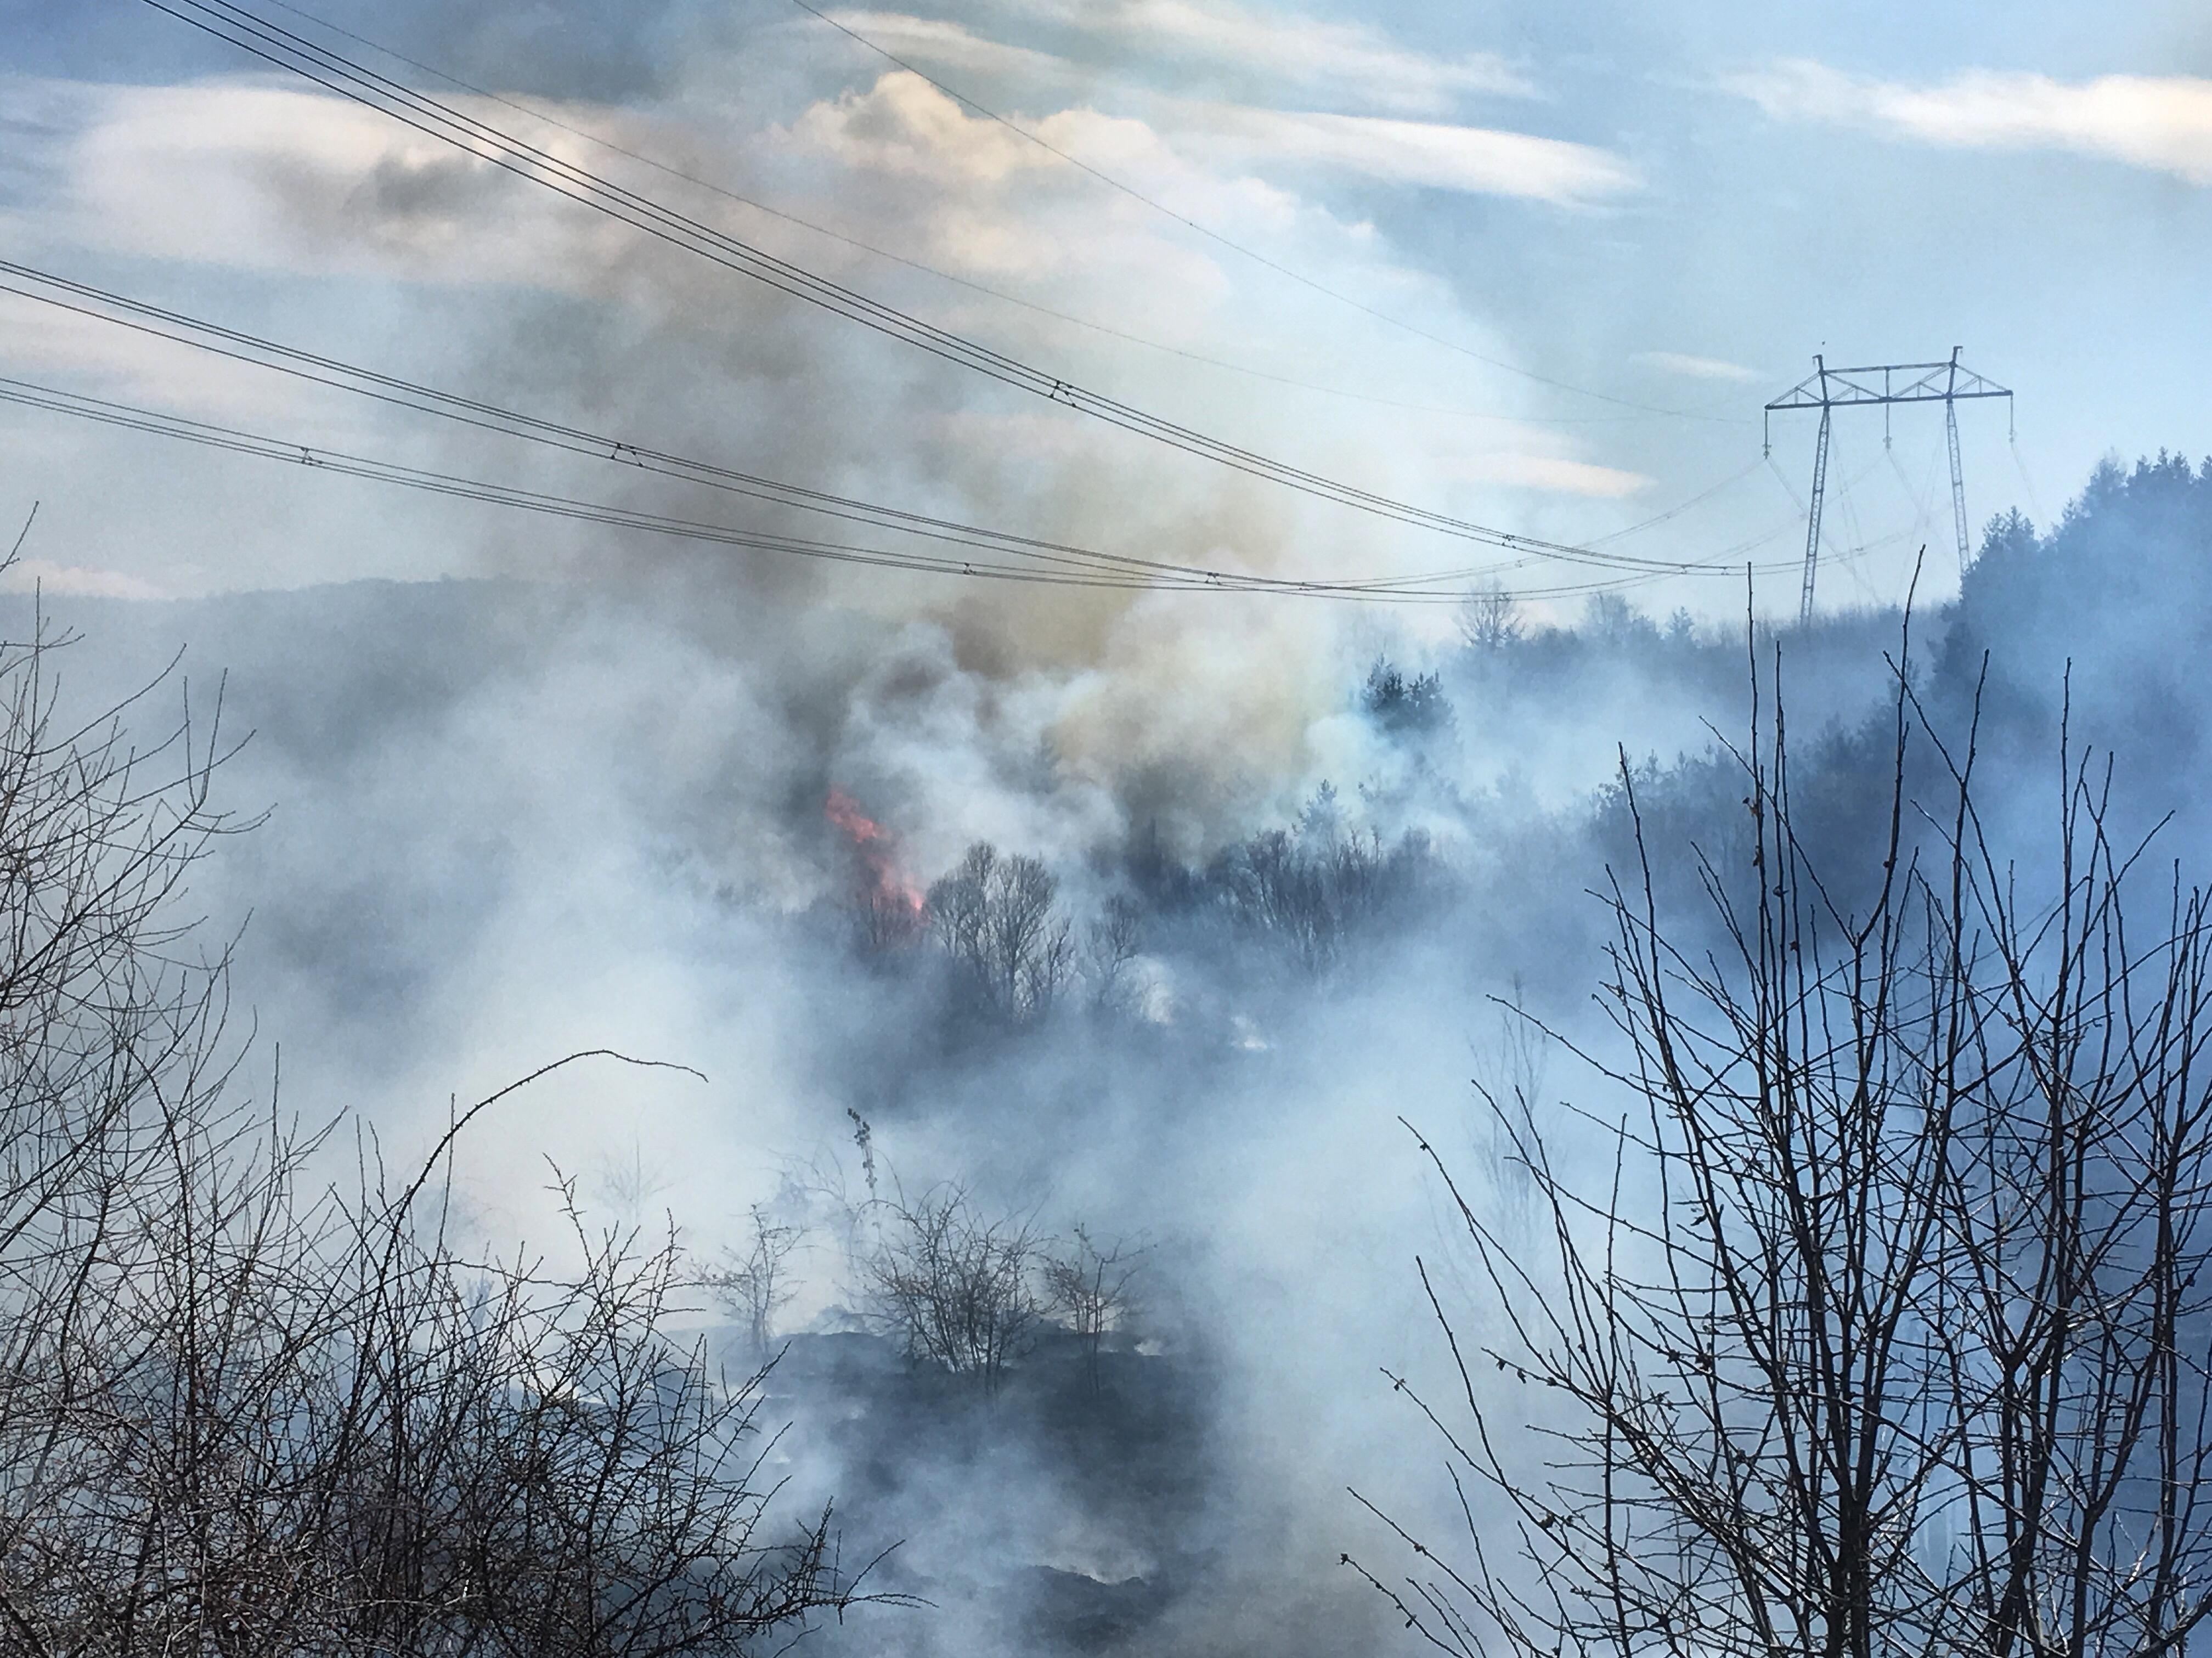 ИЗВЪНРЕДНО: Огромен пожар край Шума, огънят облизва близката гора (ЕКСКЛУЗИВНИ СНИМКИ)